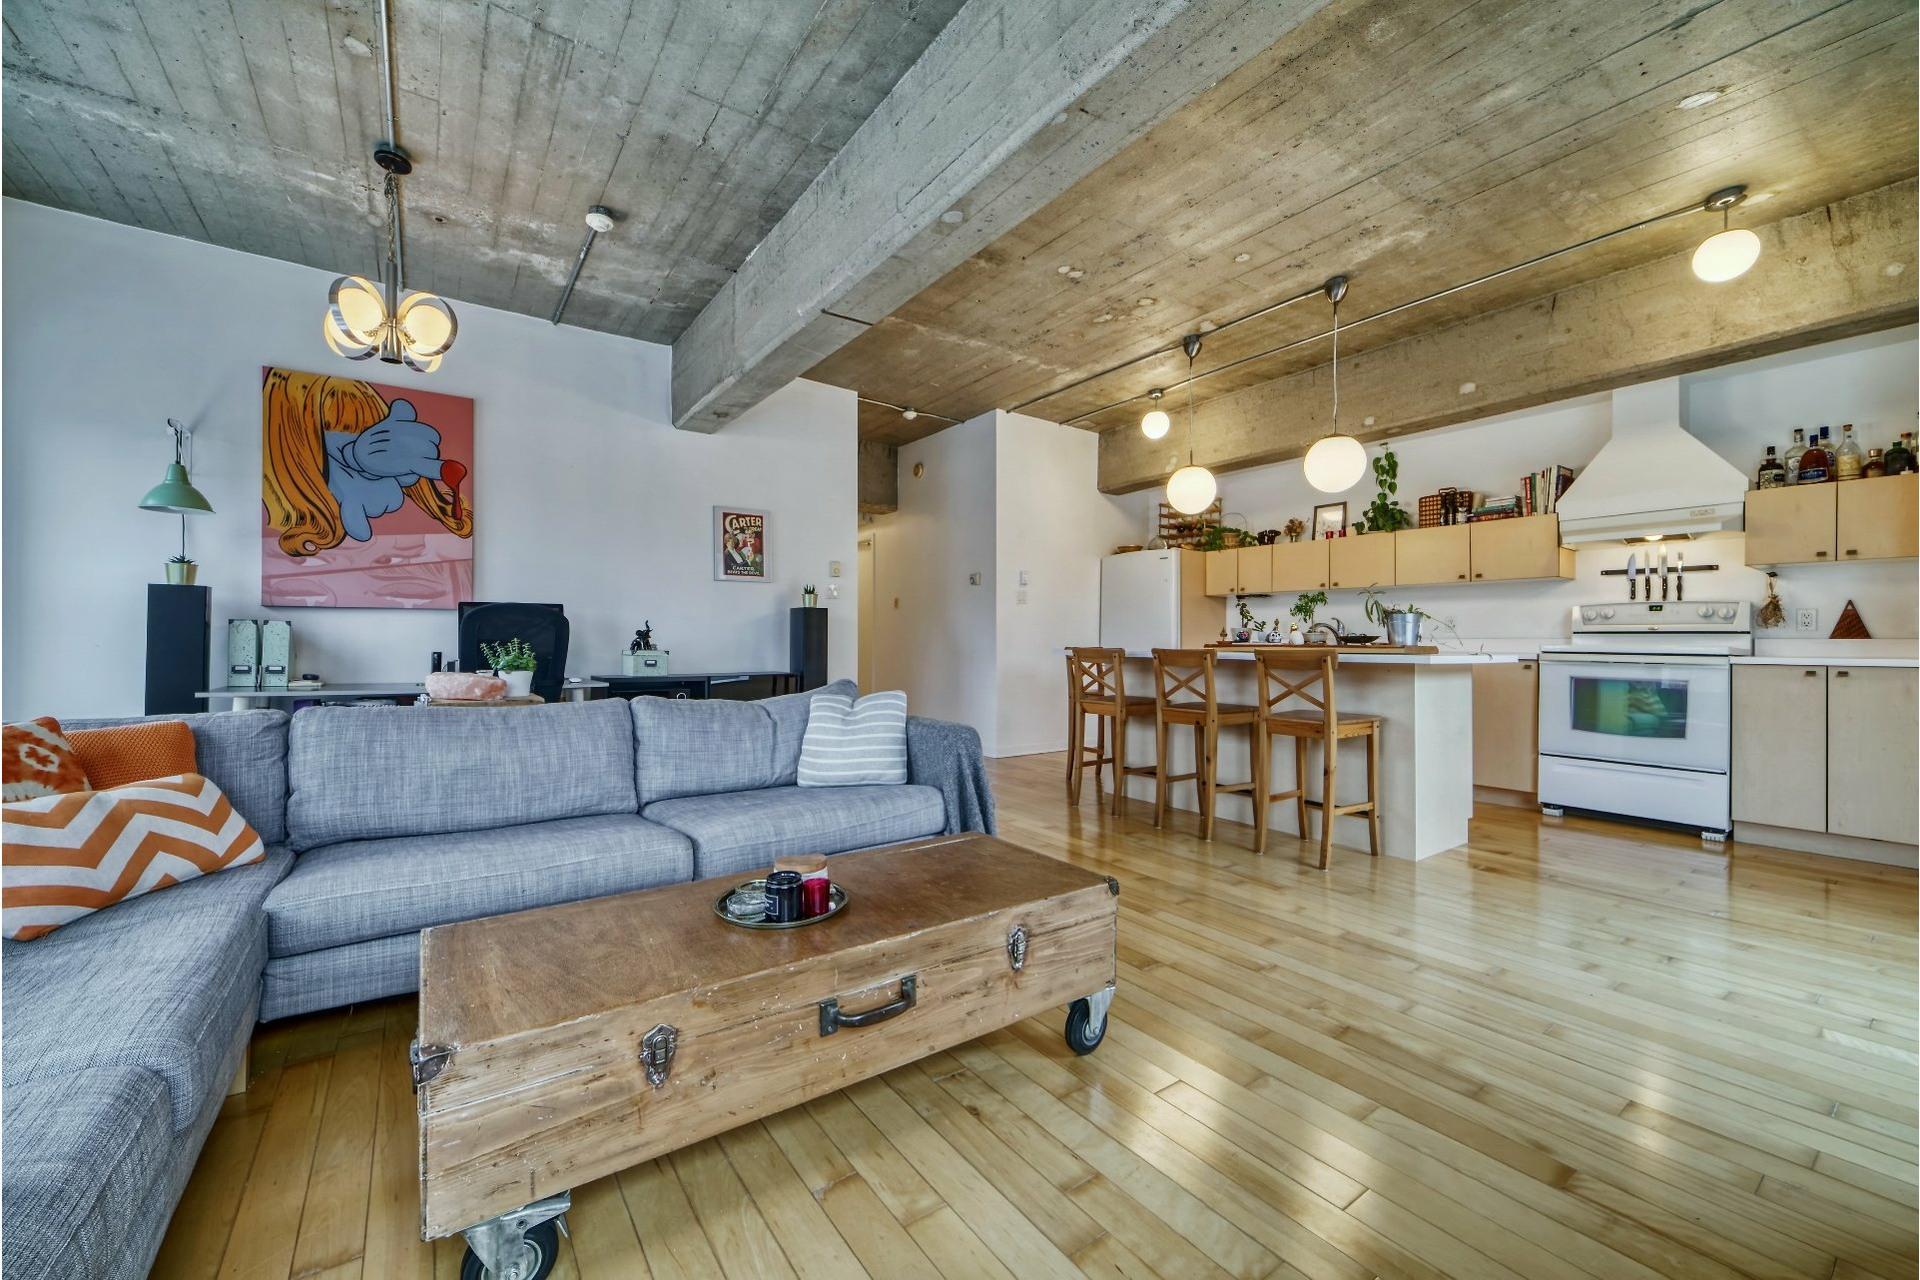 image 4 - Appartement À vendre Verdun/Île-des-Soeurs Montréal  - 3 pièces